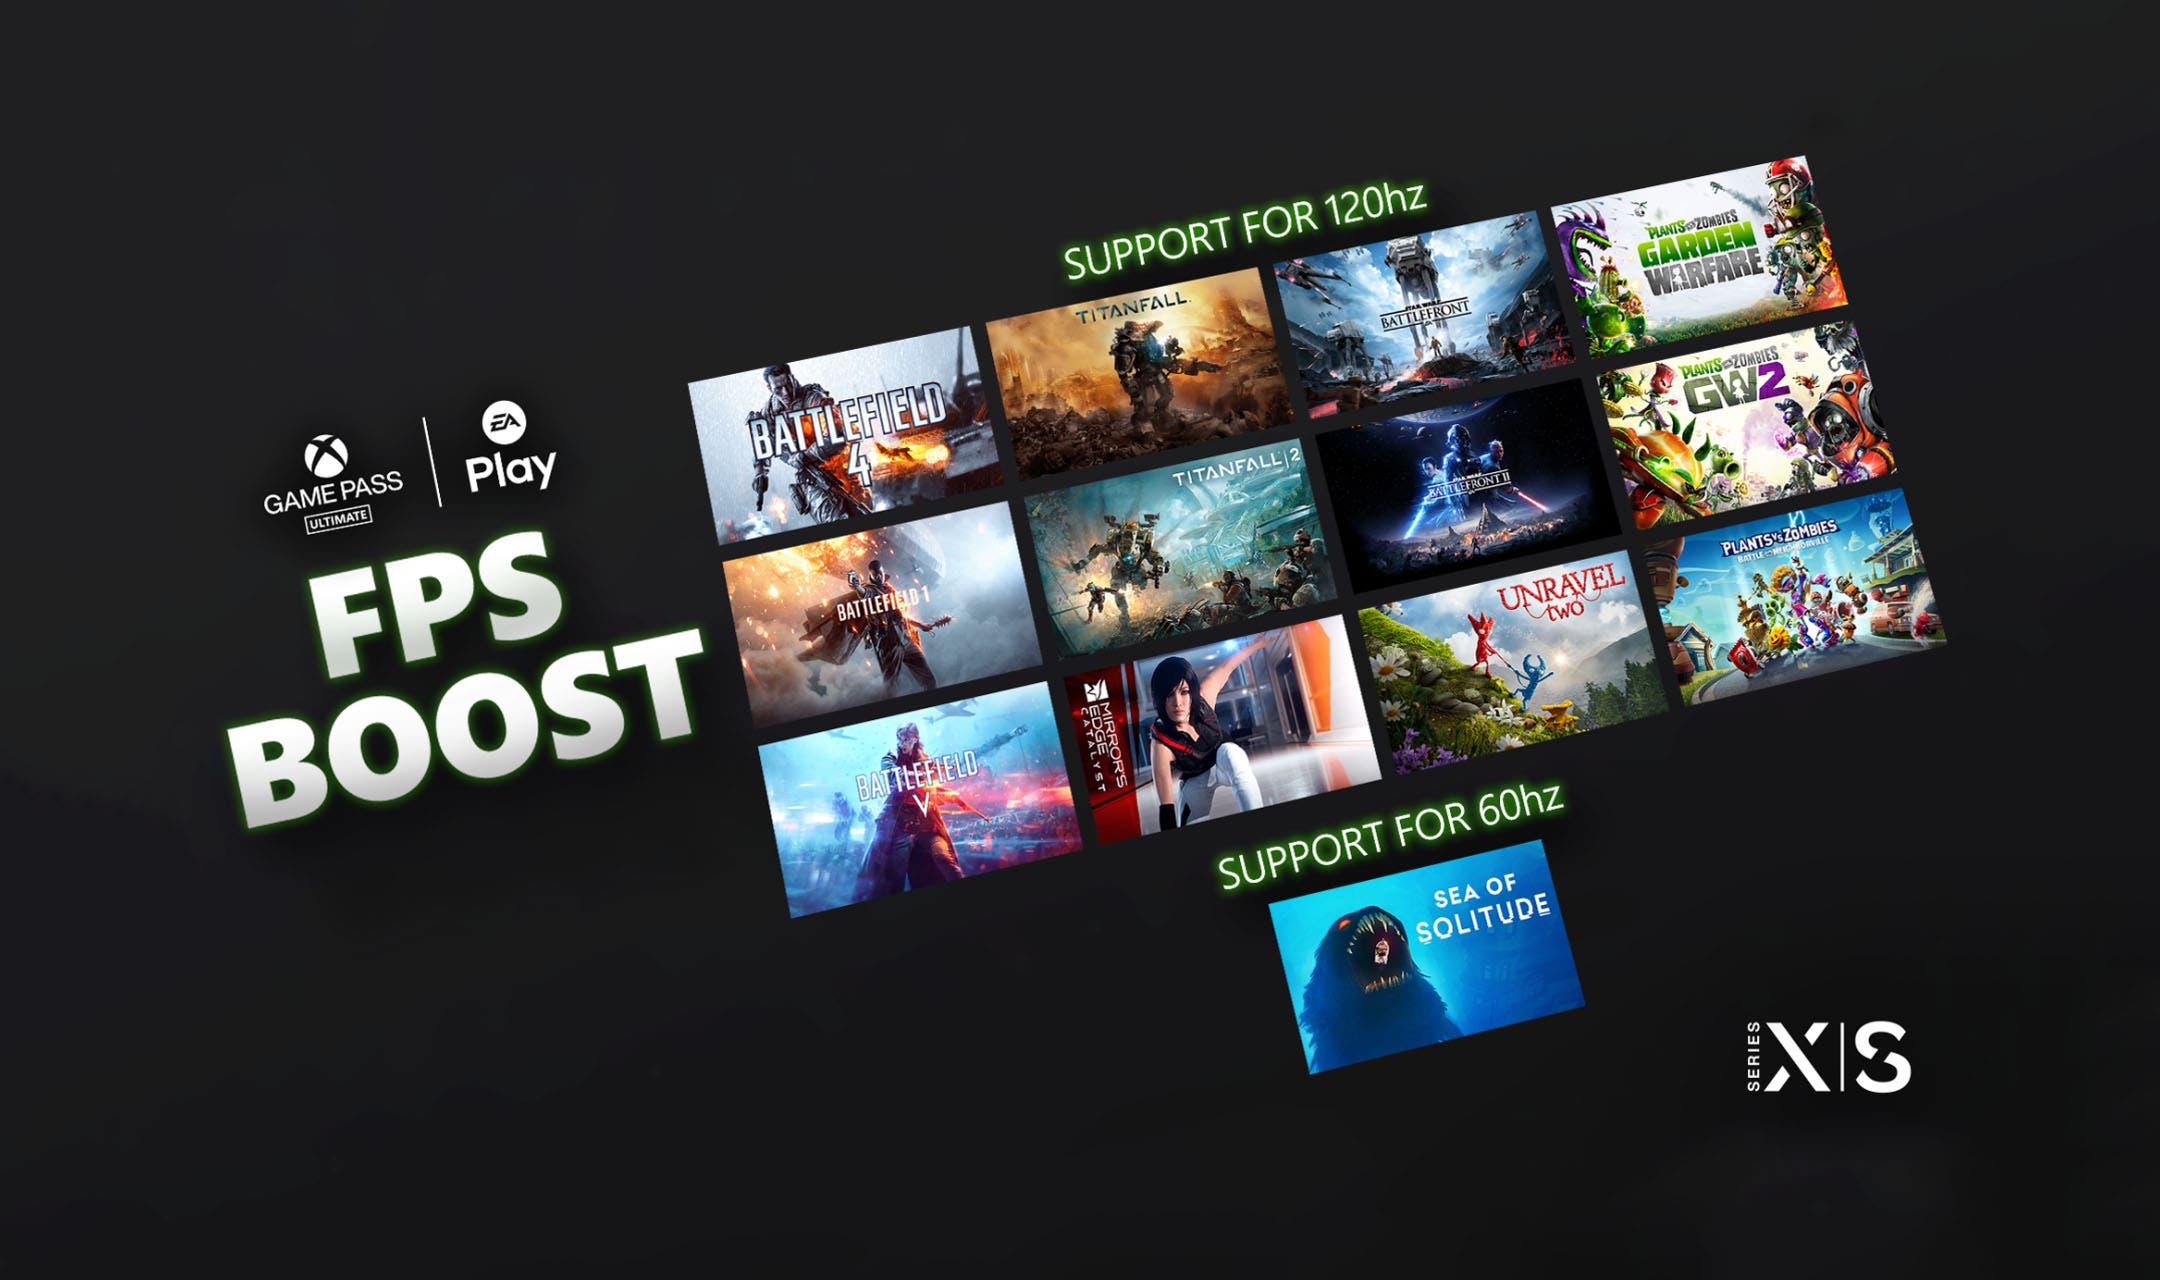 nuevos juegos con soporte para FPS Boost